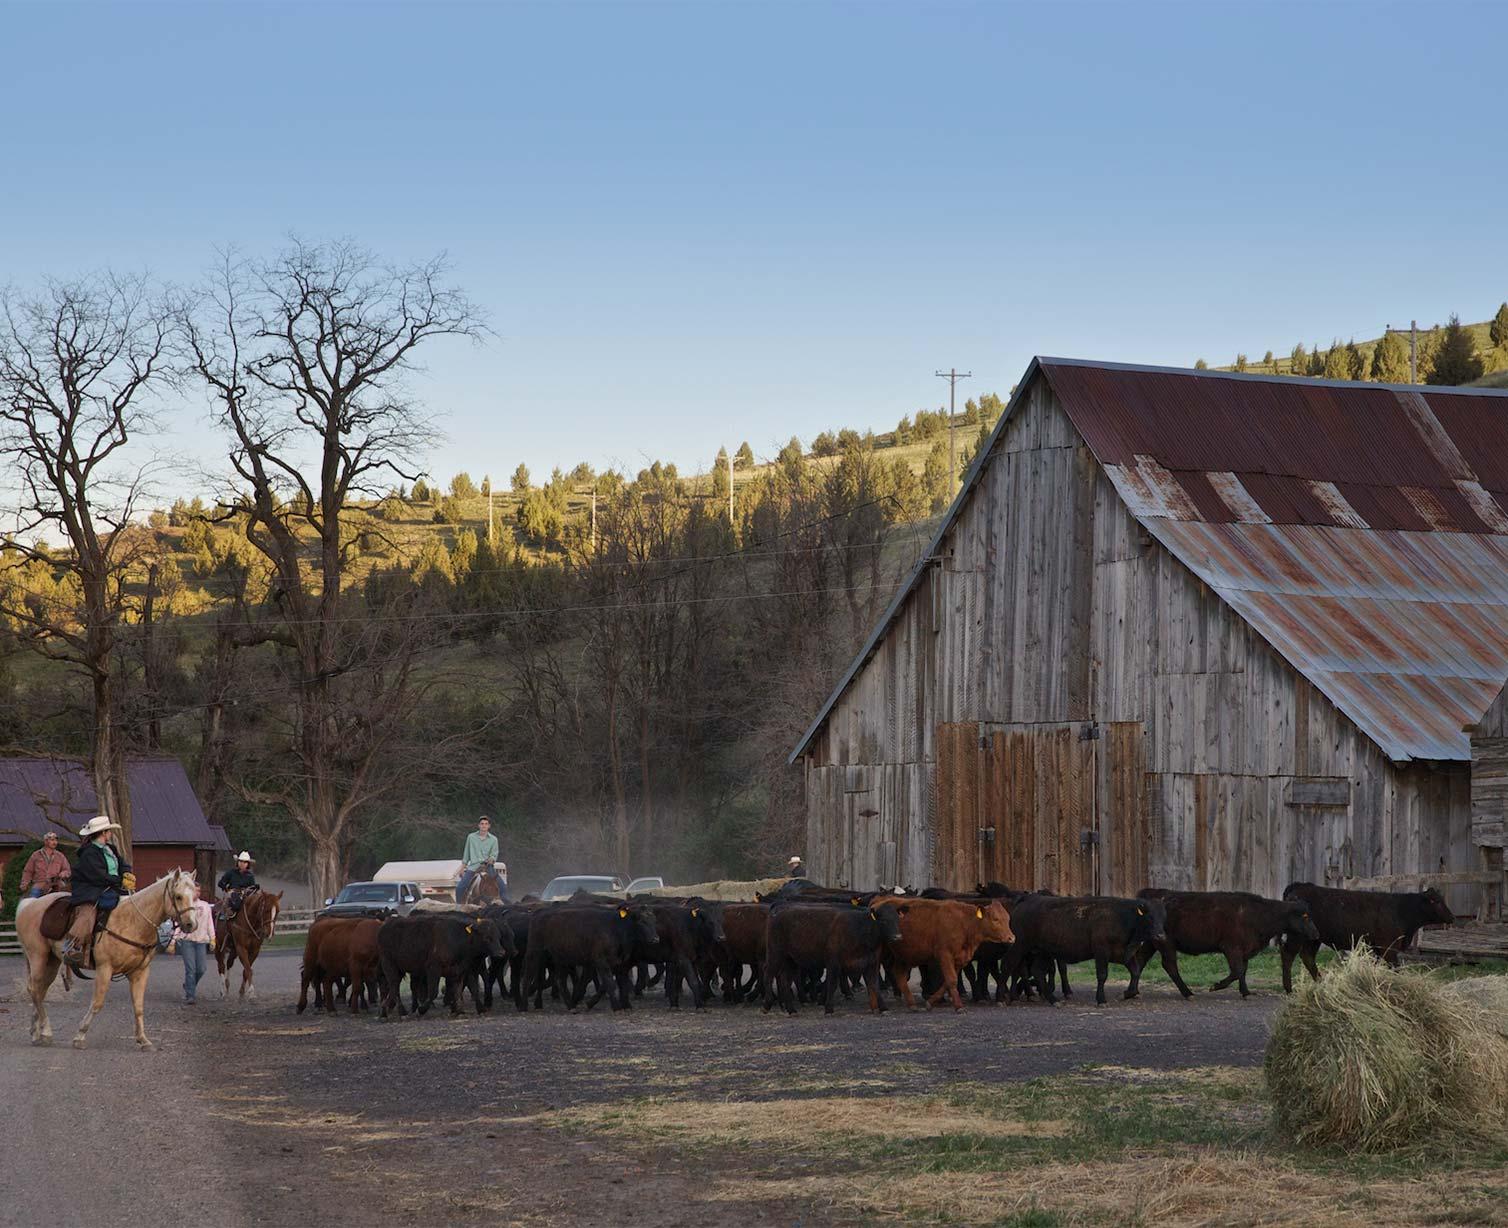 Herding cows near a barn